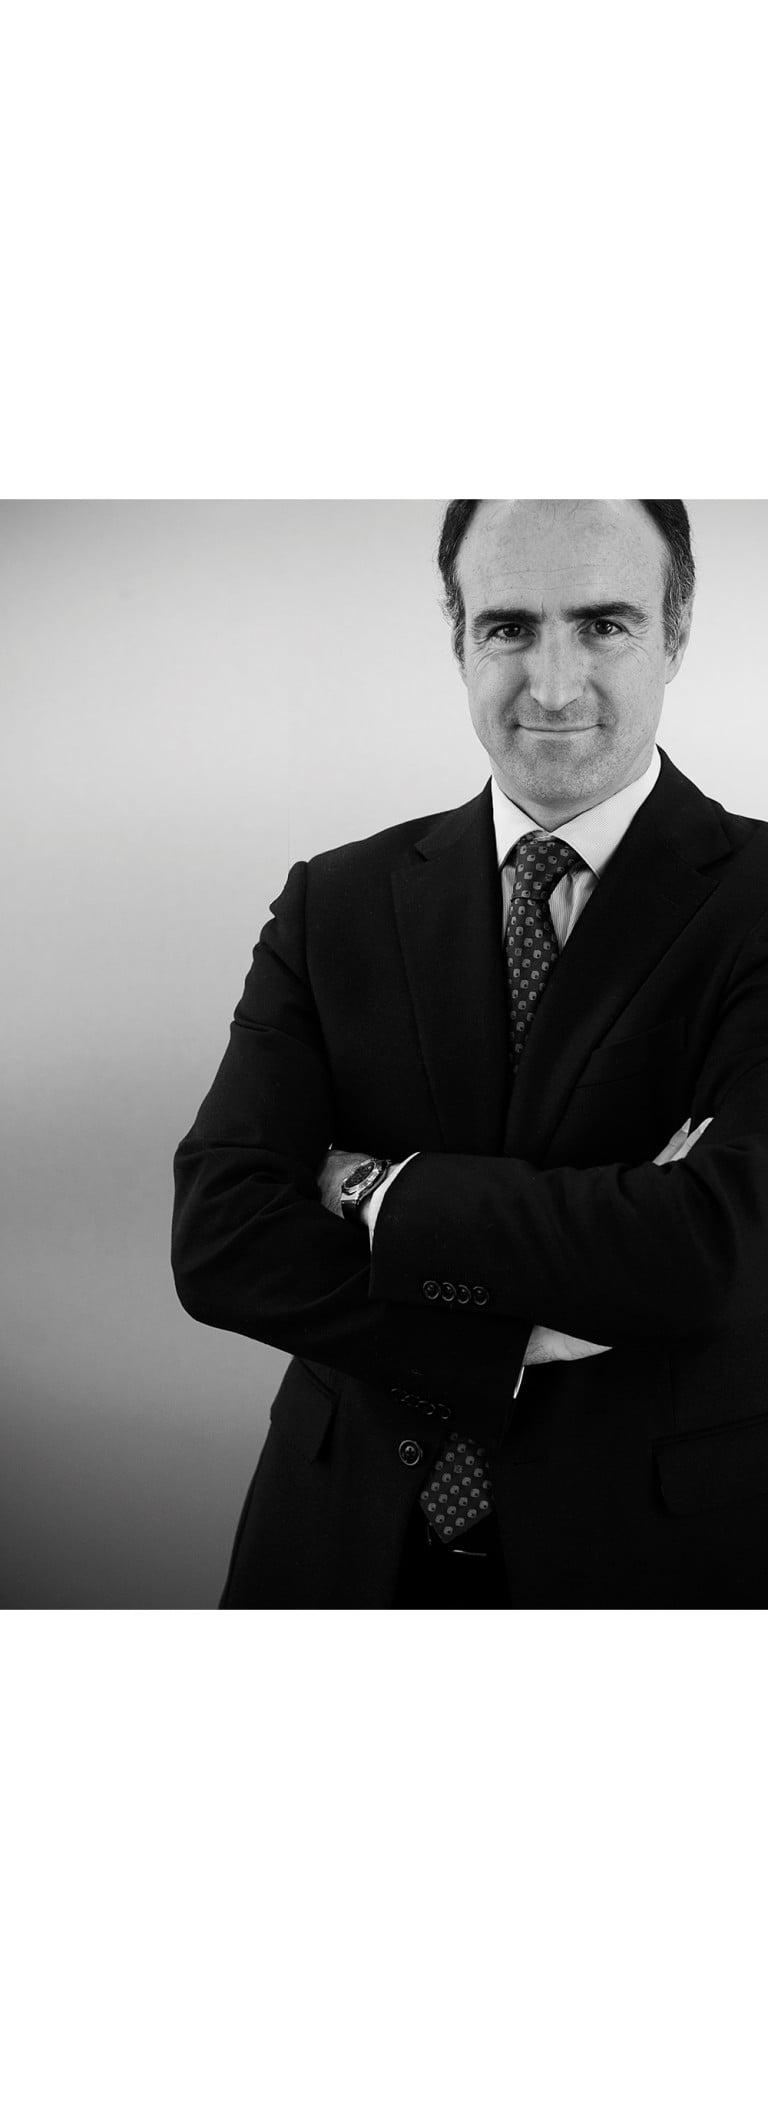 Sr. Alberto Rodríguez Fraile Díaz